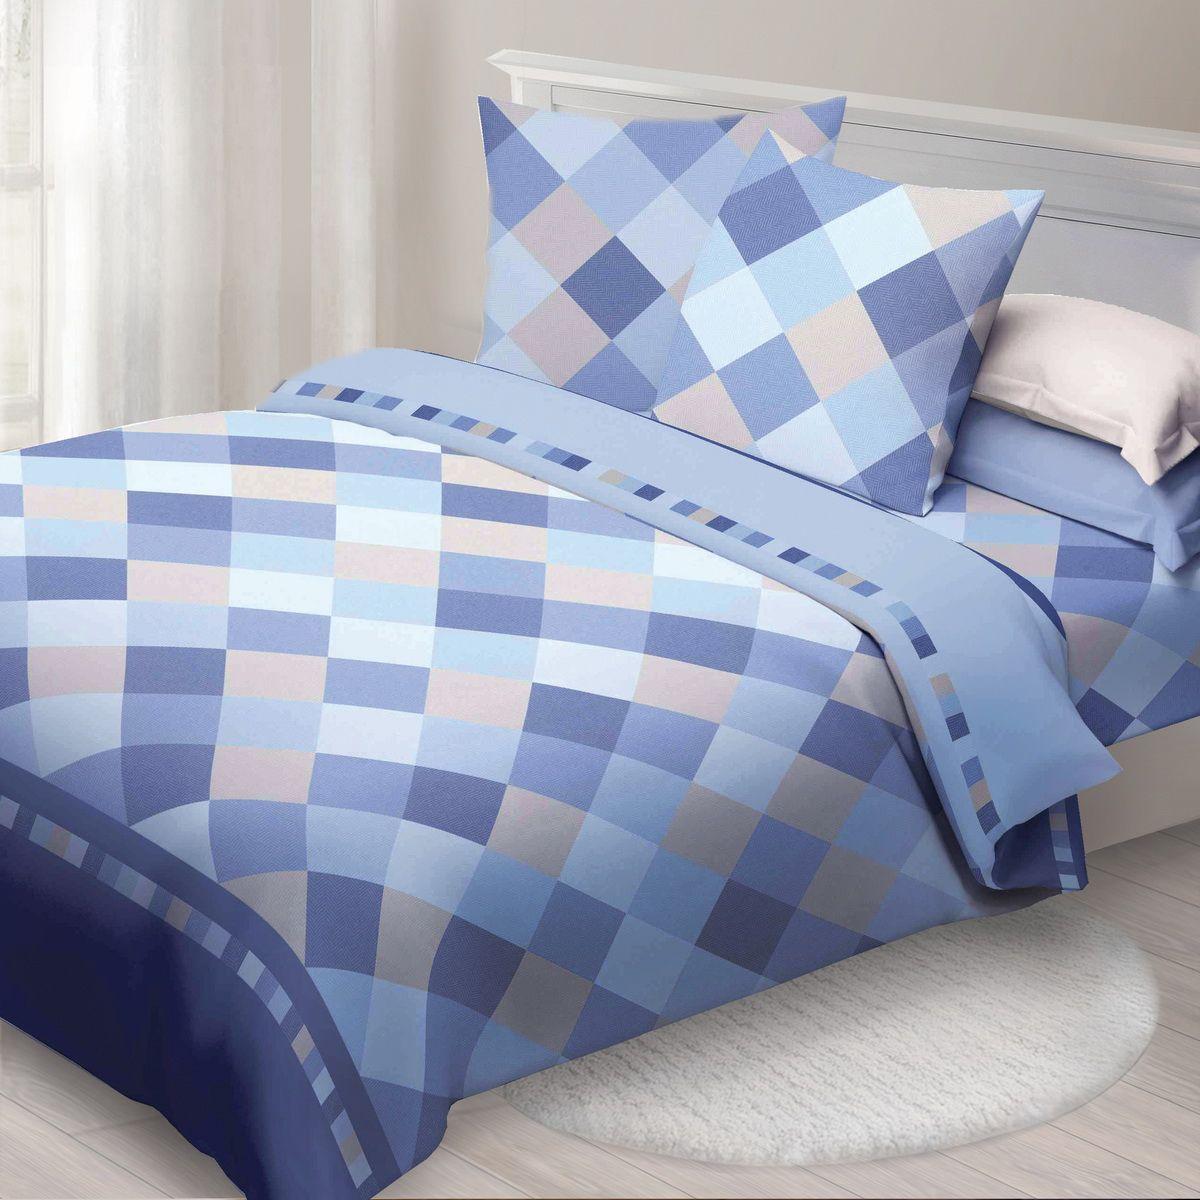 Комплект белья Спал Спалыч Твил, 1,5-спальное, наволочки 70x70, цвет: голубой88005Спал Спалыч - недорогое, но качественное постельное белье из белорусской бязи. Актуальные дизайны, авторская упаковка в сочетании с качественными материалами и приемлемой ценой - залог успеха Спал Спалыча! В ассортименте широкая линейка домашнего текстиля для всей семьи - современные дизайны современному покупателю! Ткань обработана по технологии PERFECT WAY - благодаря чему, она становится более гладкой и шелковистой. • Бязь Барановичи 100% хлопок • Плотность ткани - 125 гр/кв.м.